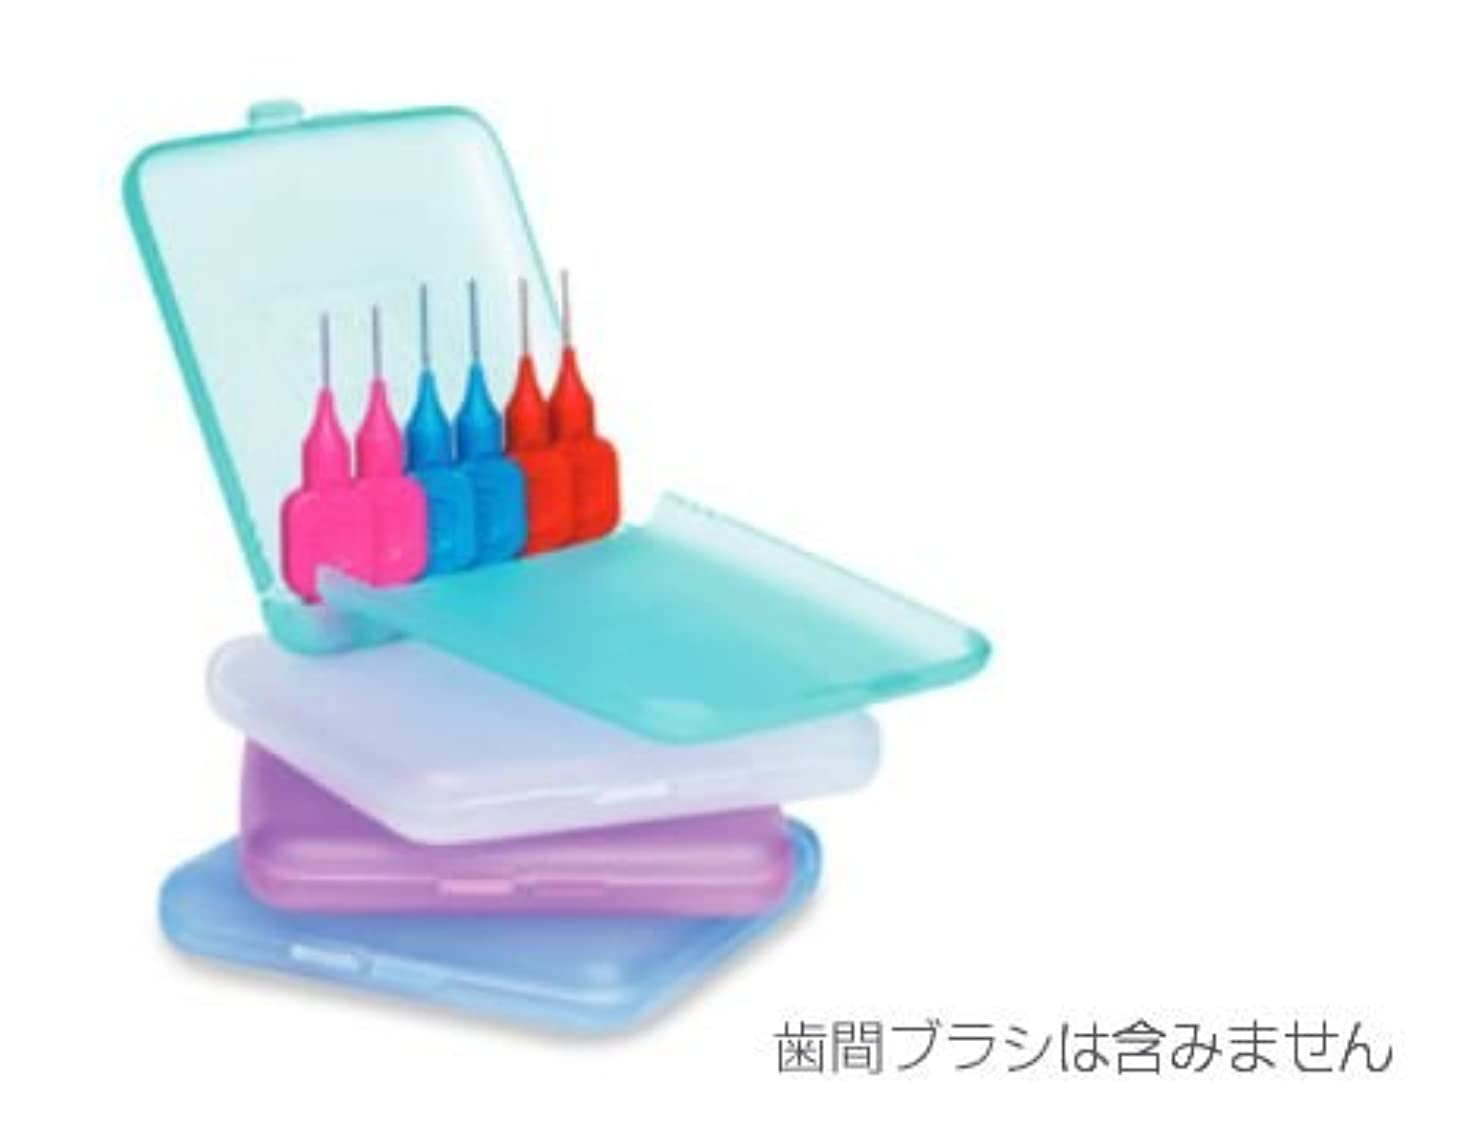 クロスフィールド TePe テペ 歯間ブラシ専用ケース